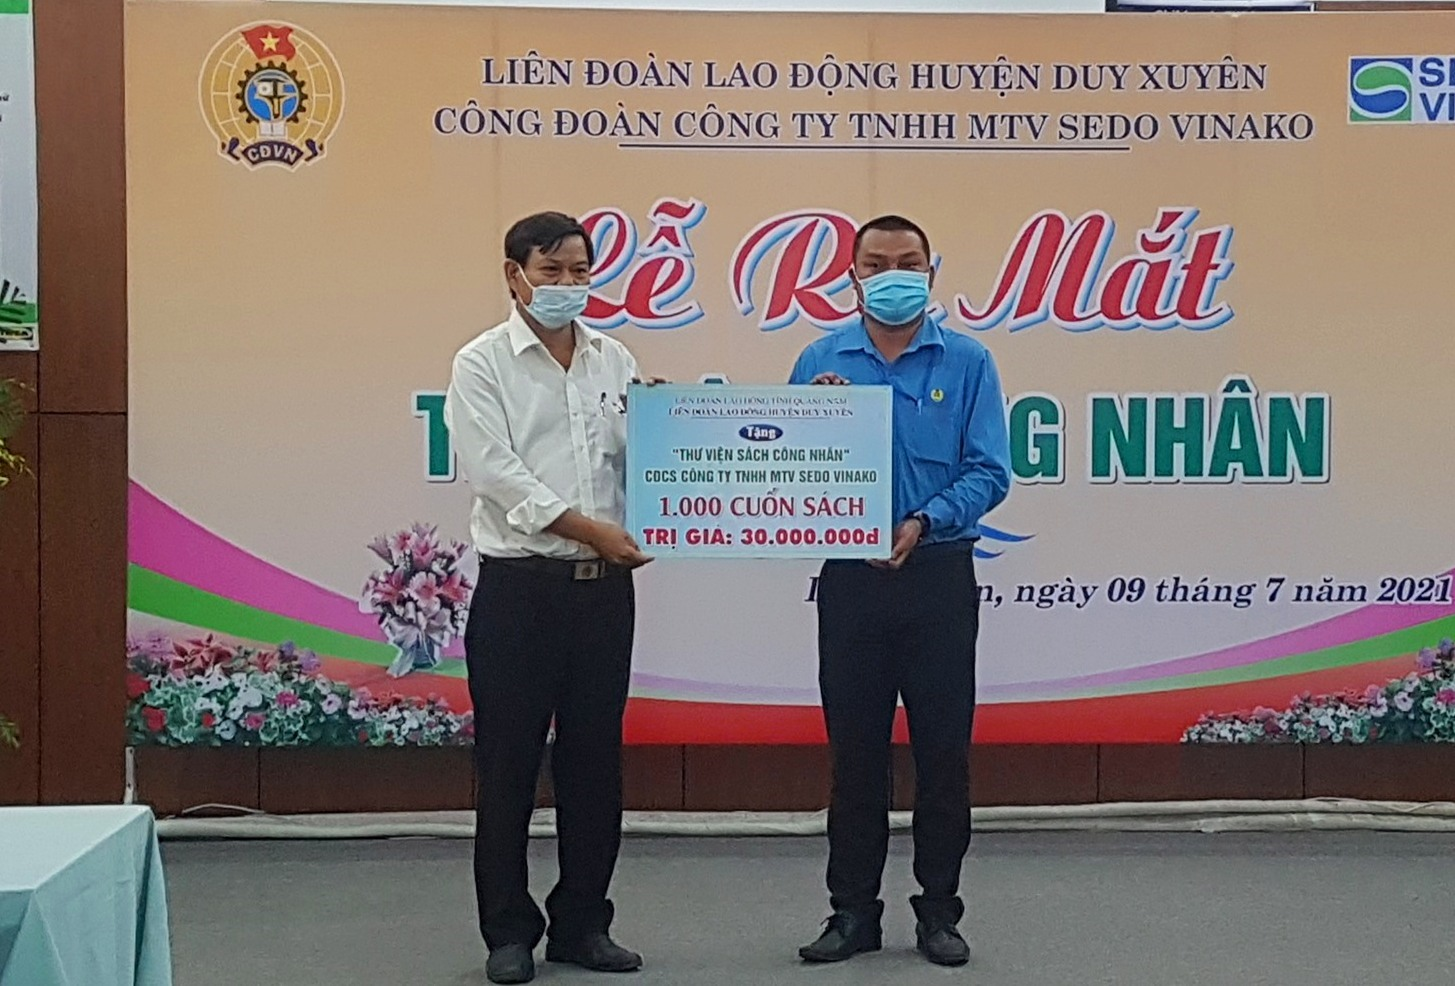 Liên đoàn Lao động huyện Duy Xuyên hỗ trợ thêm 1.000 đầu sách cho thư viện công nhân. Ảnh: D.L